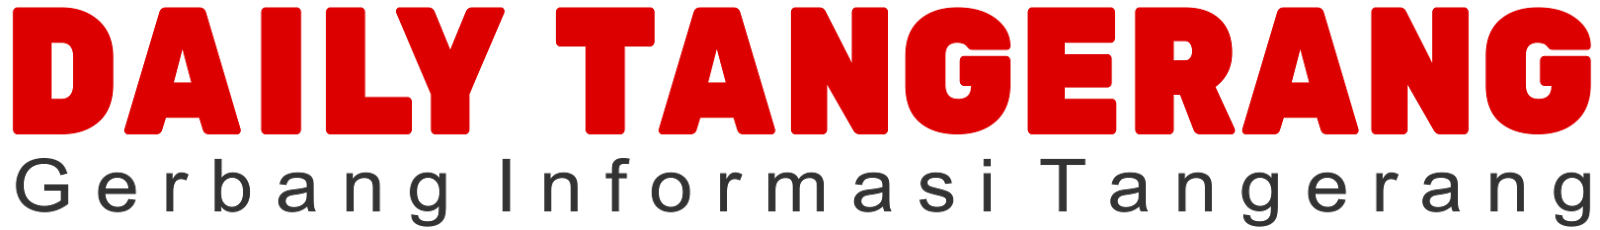 Daily Tangerang